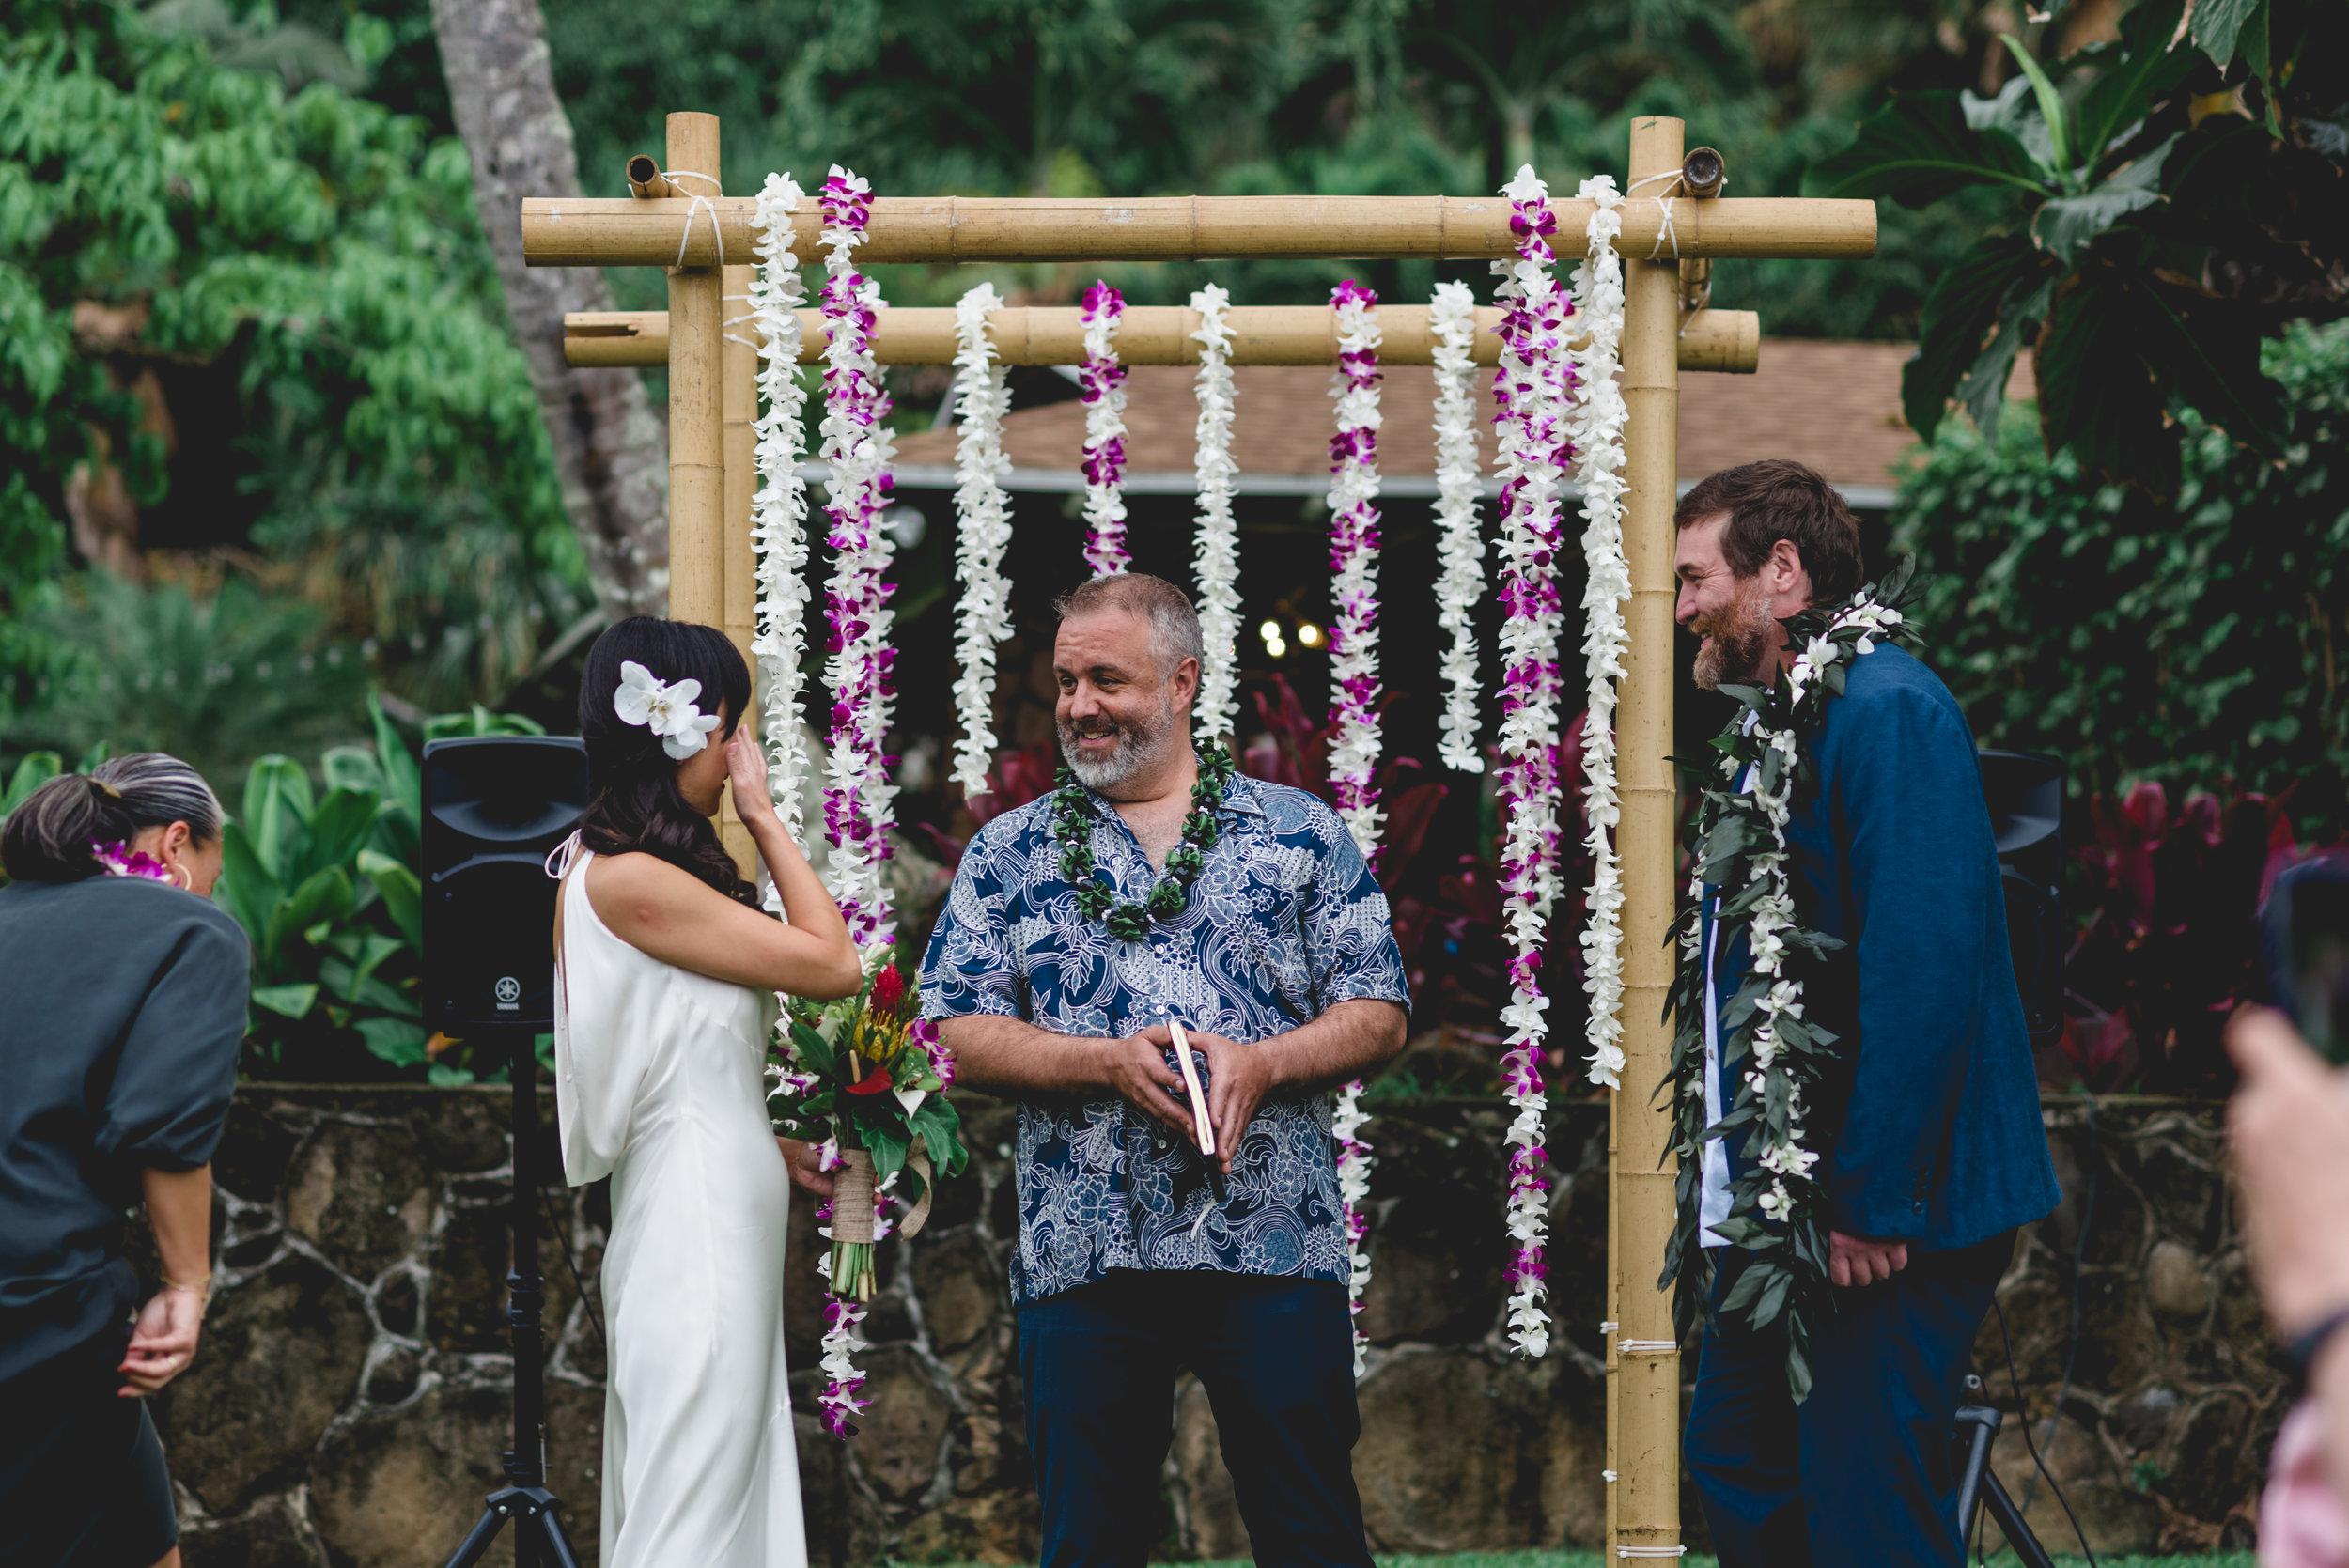 burns_deruntz-wedding-ceremony-60.jpg